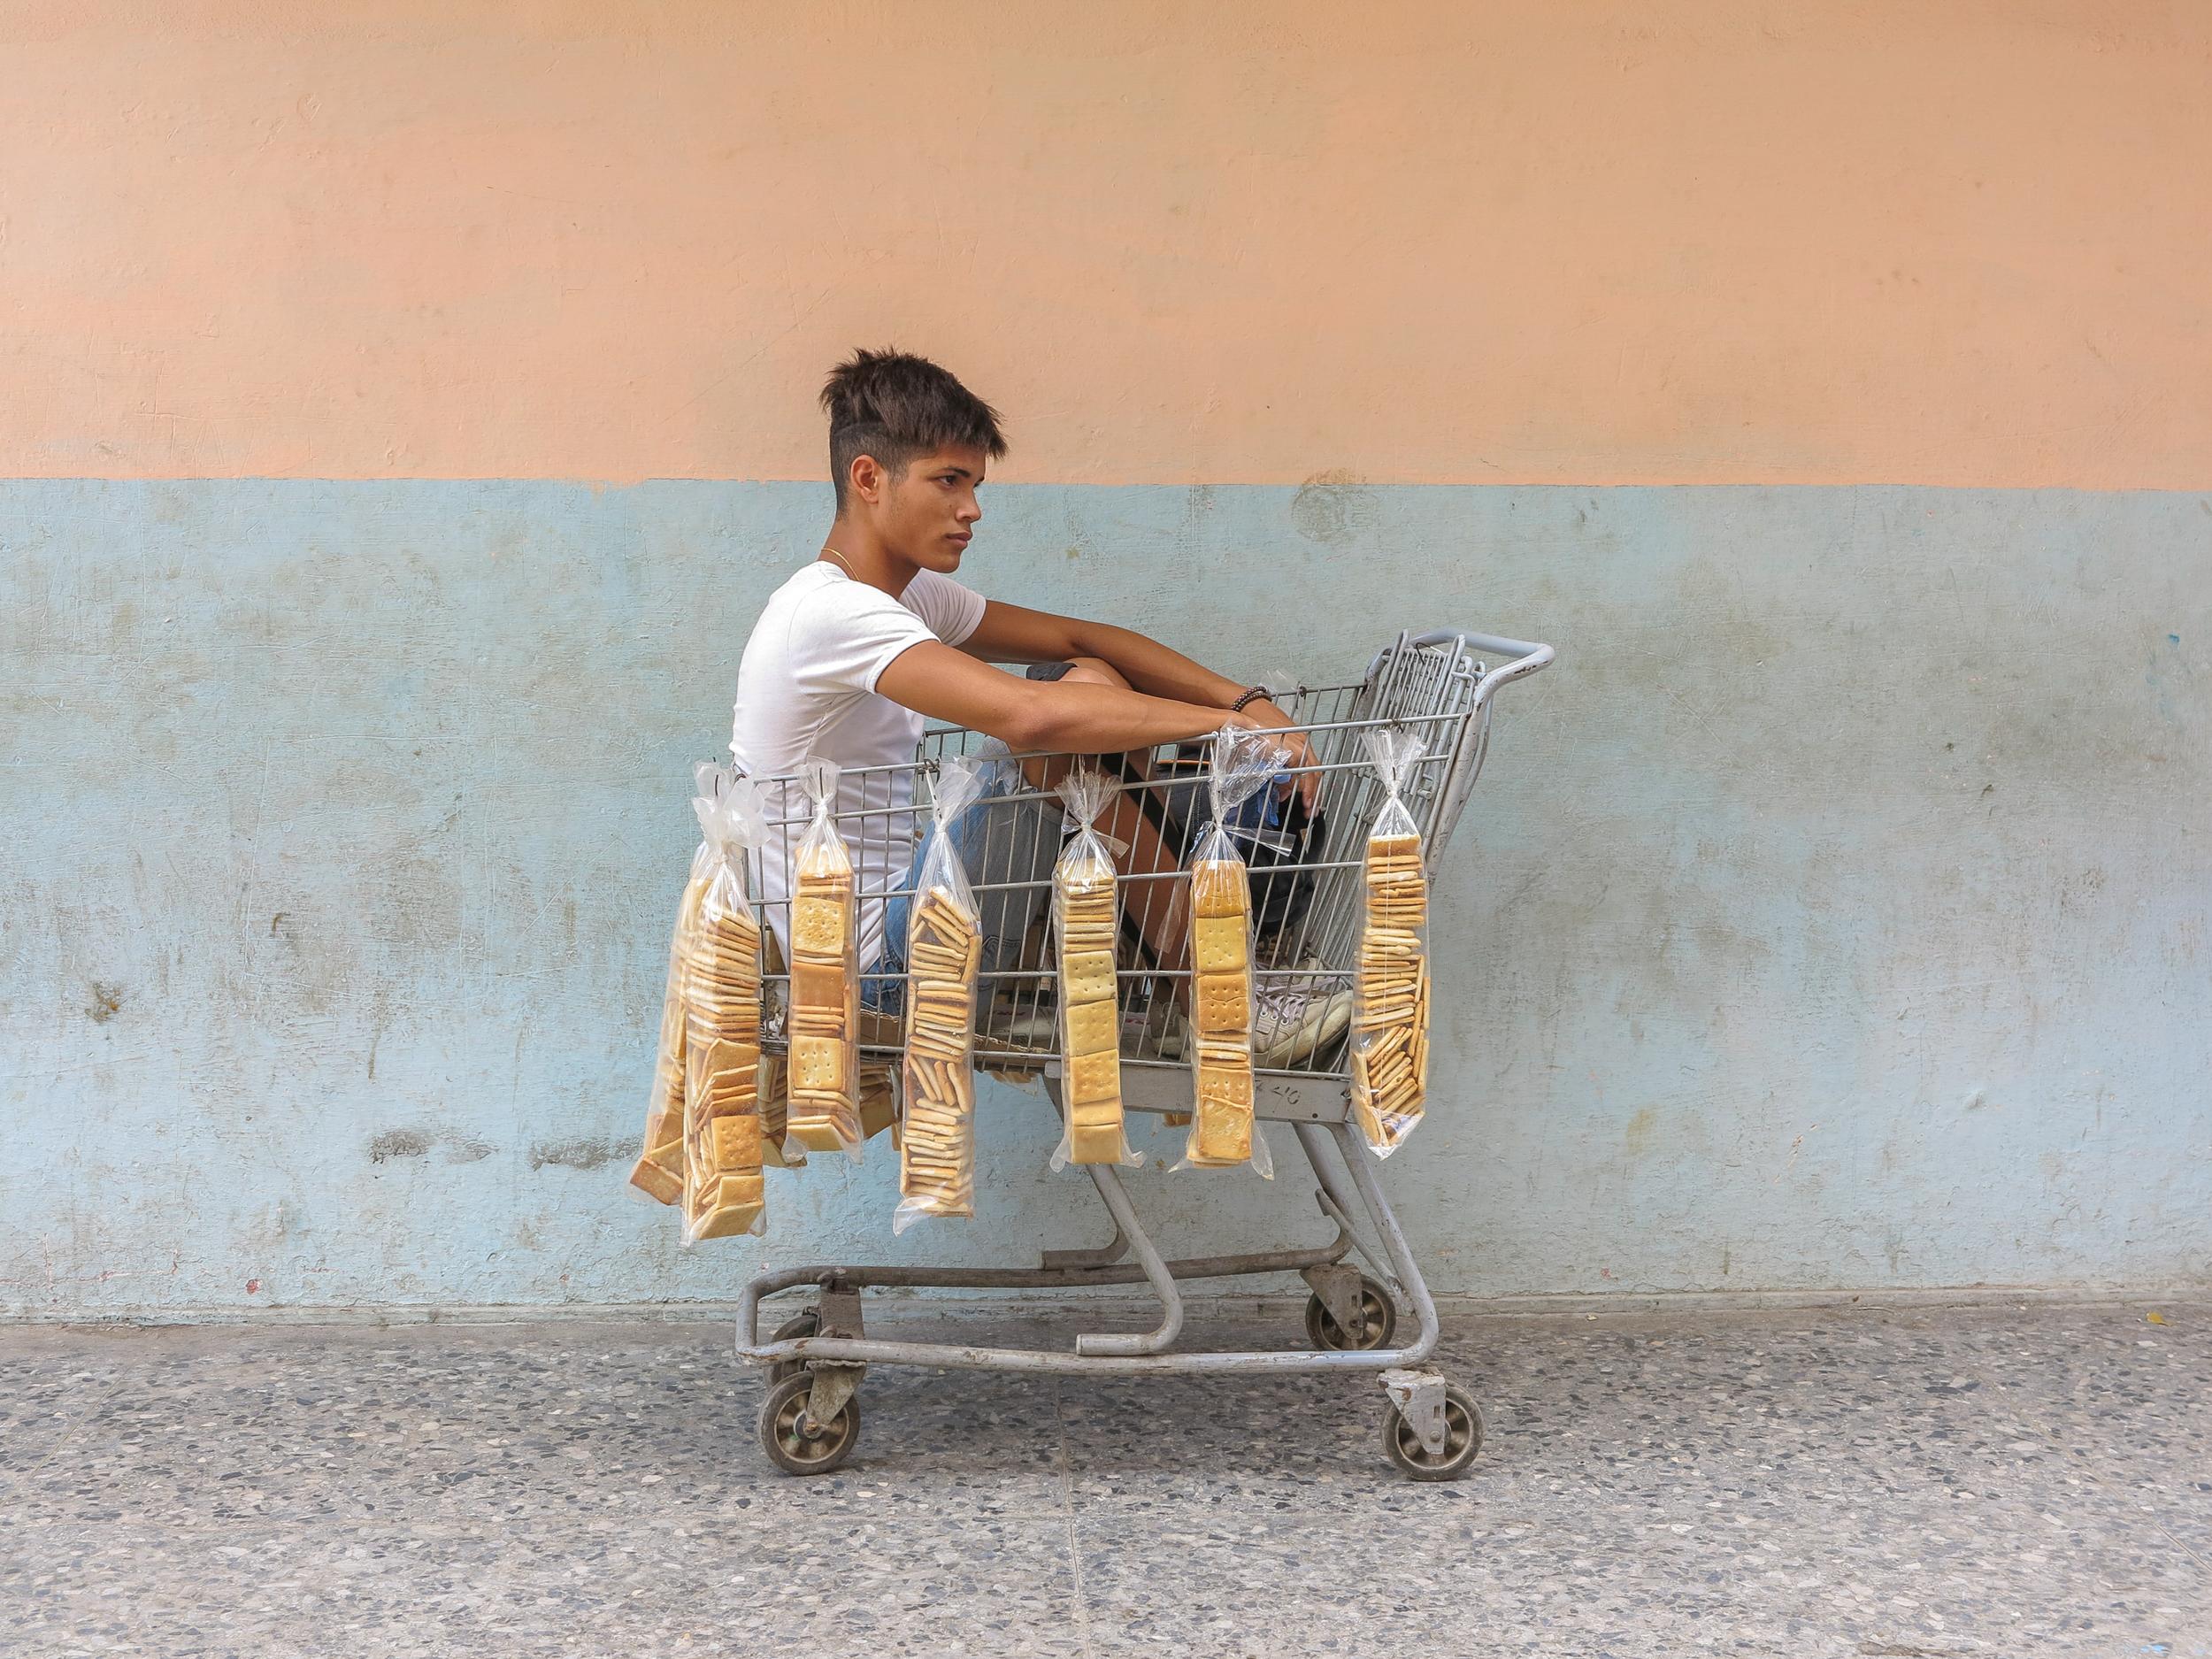 Cuba_59.jpg